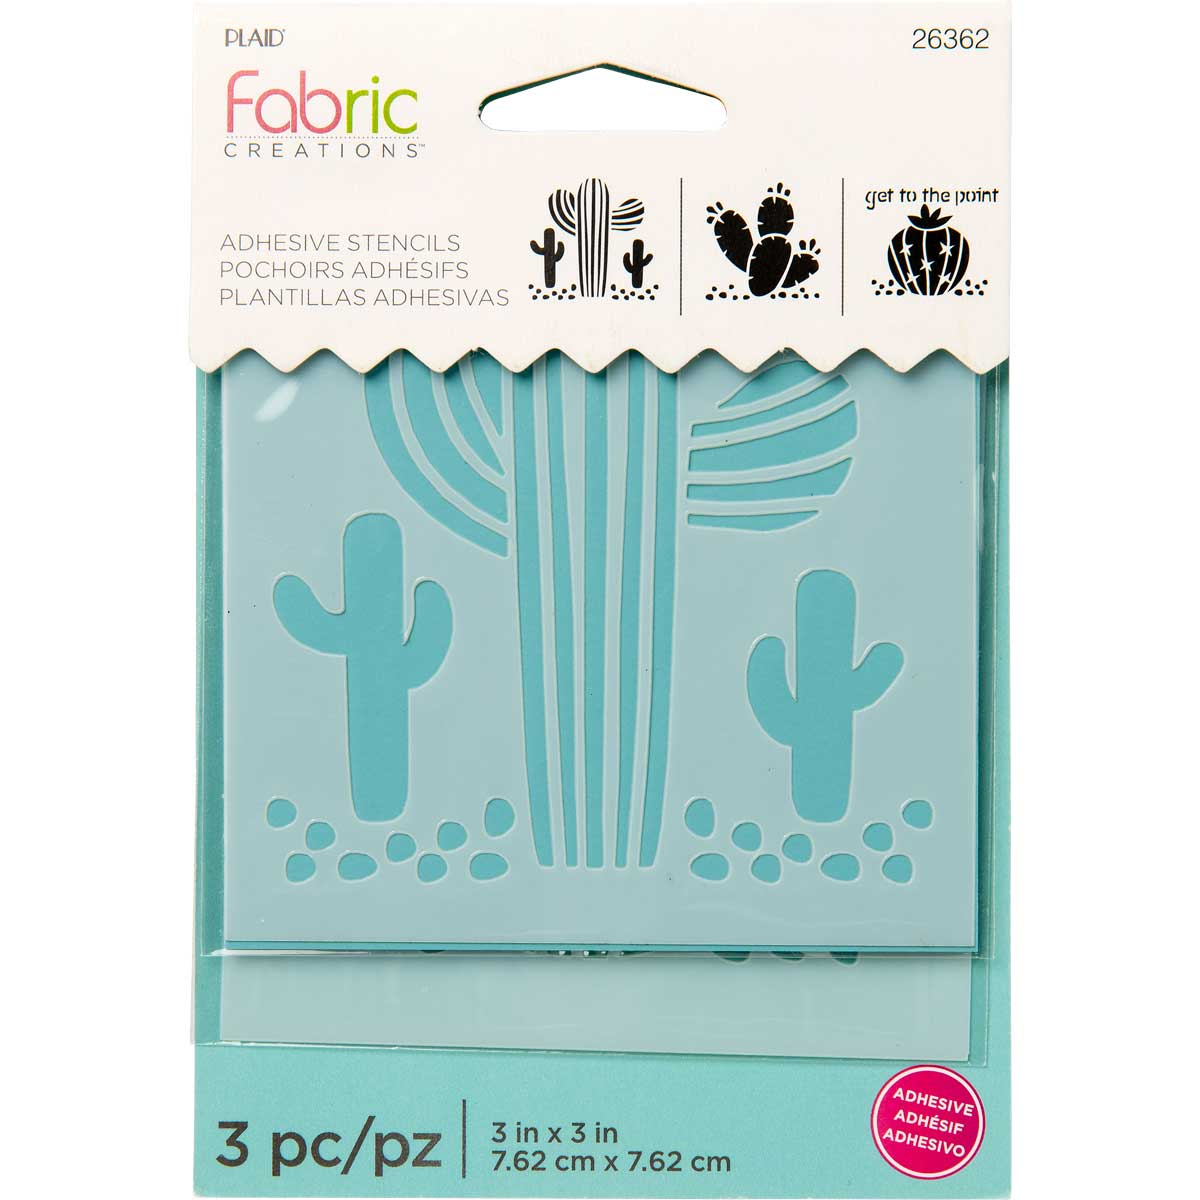 Fabric Creations™ Adhesive Stencils - Mini - Cactus, 3